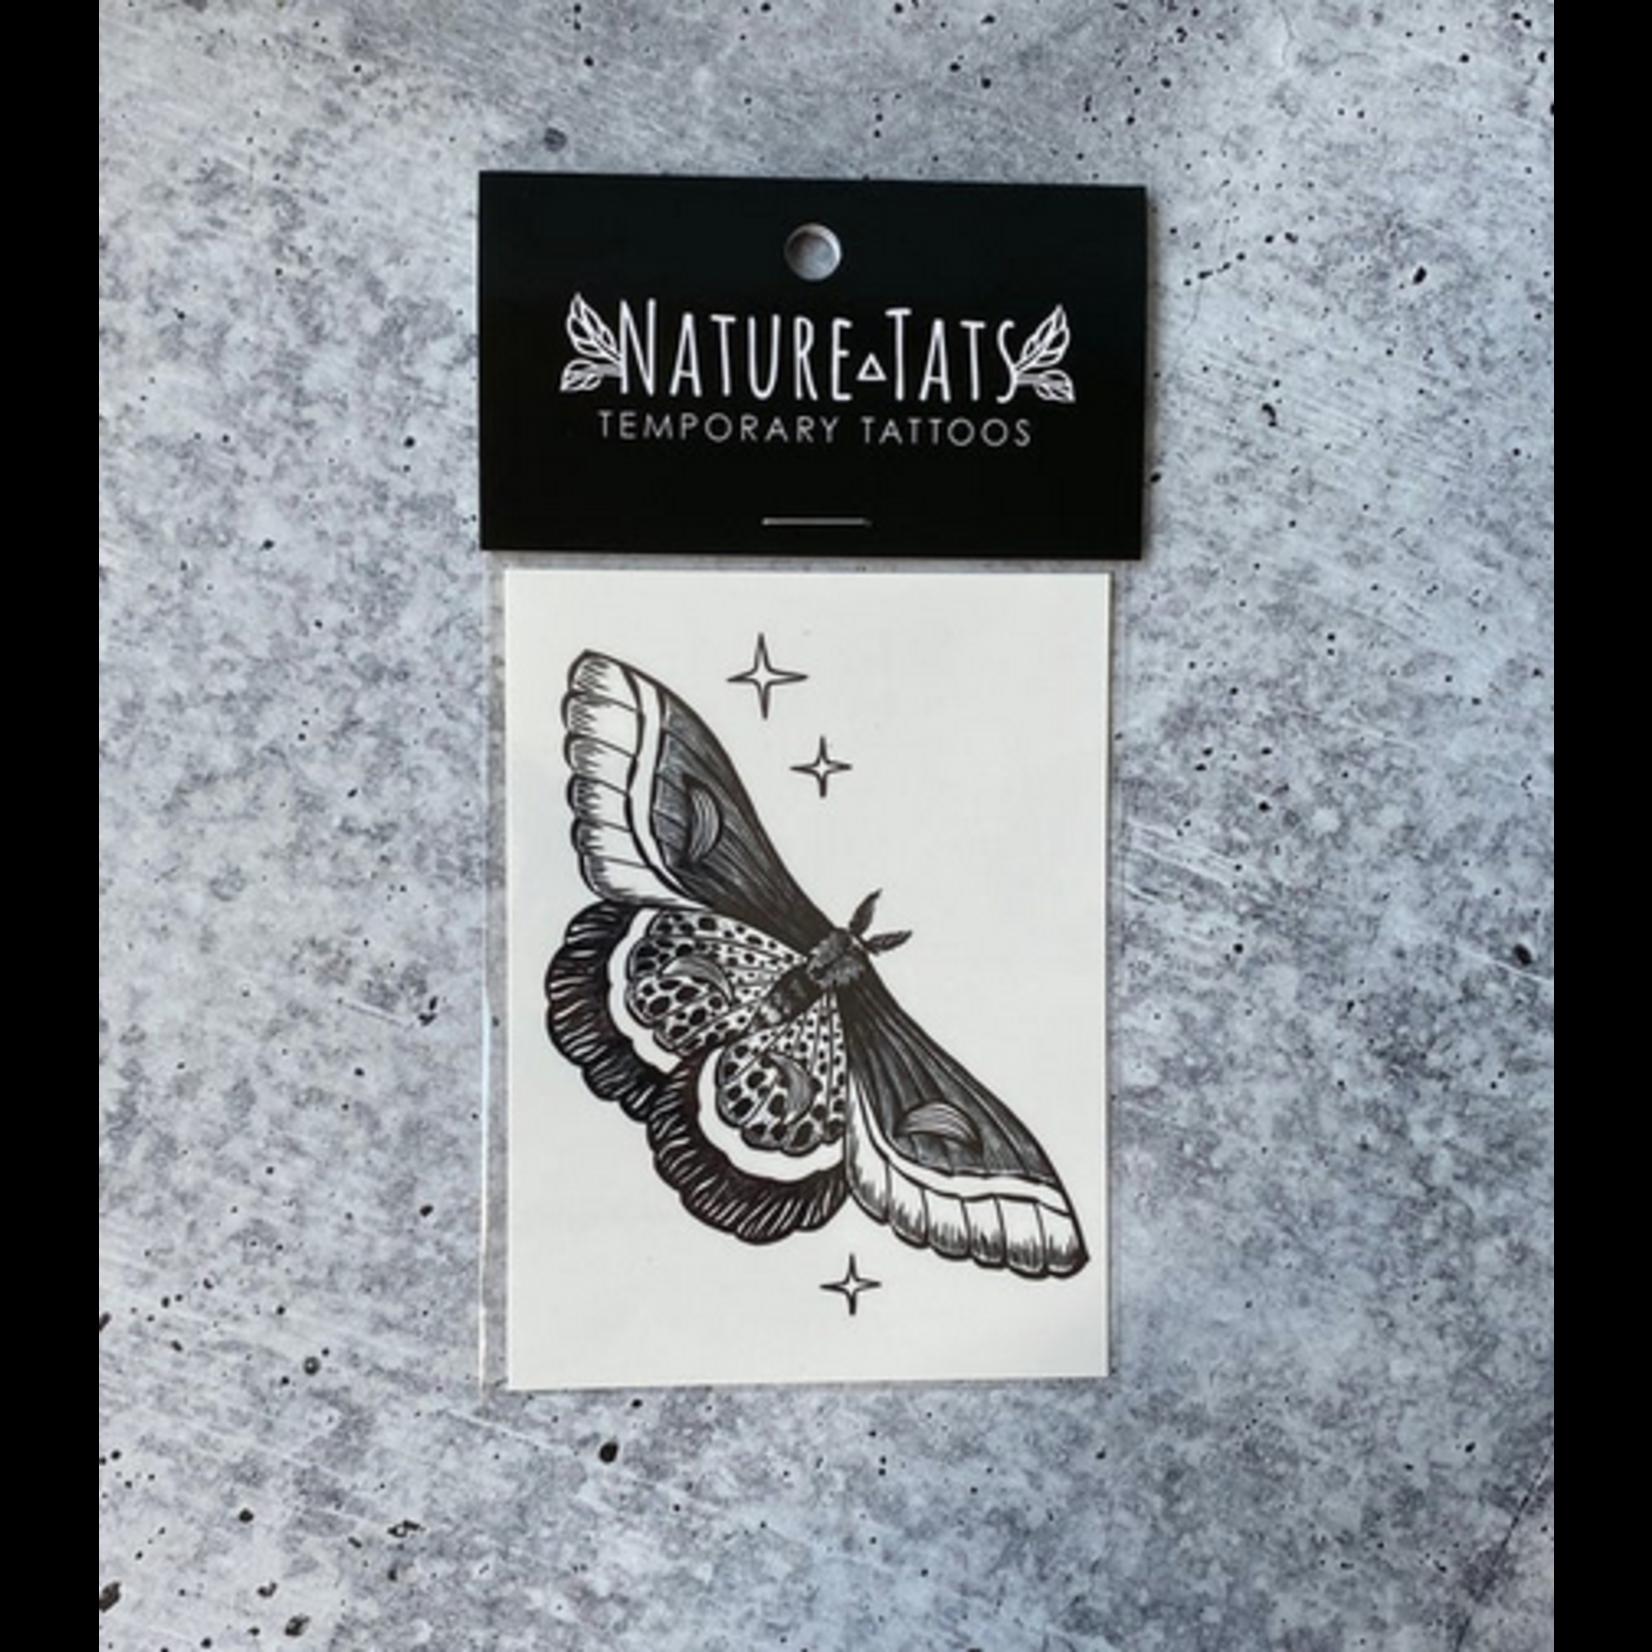 NatureTats Flight Temporary Tattoos